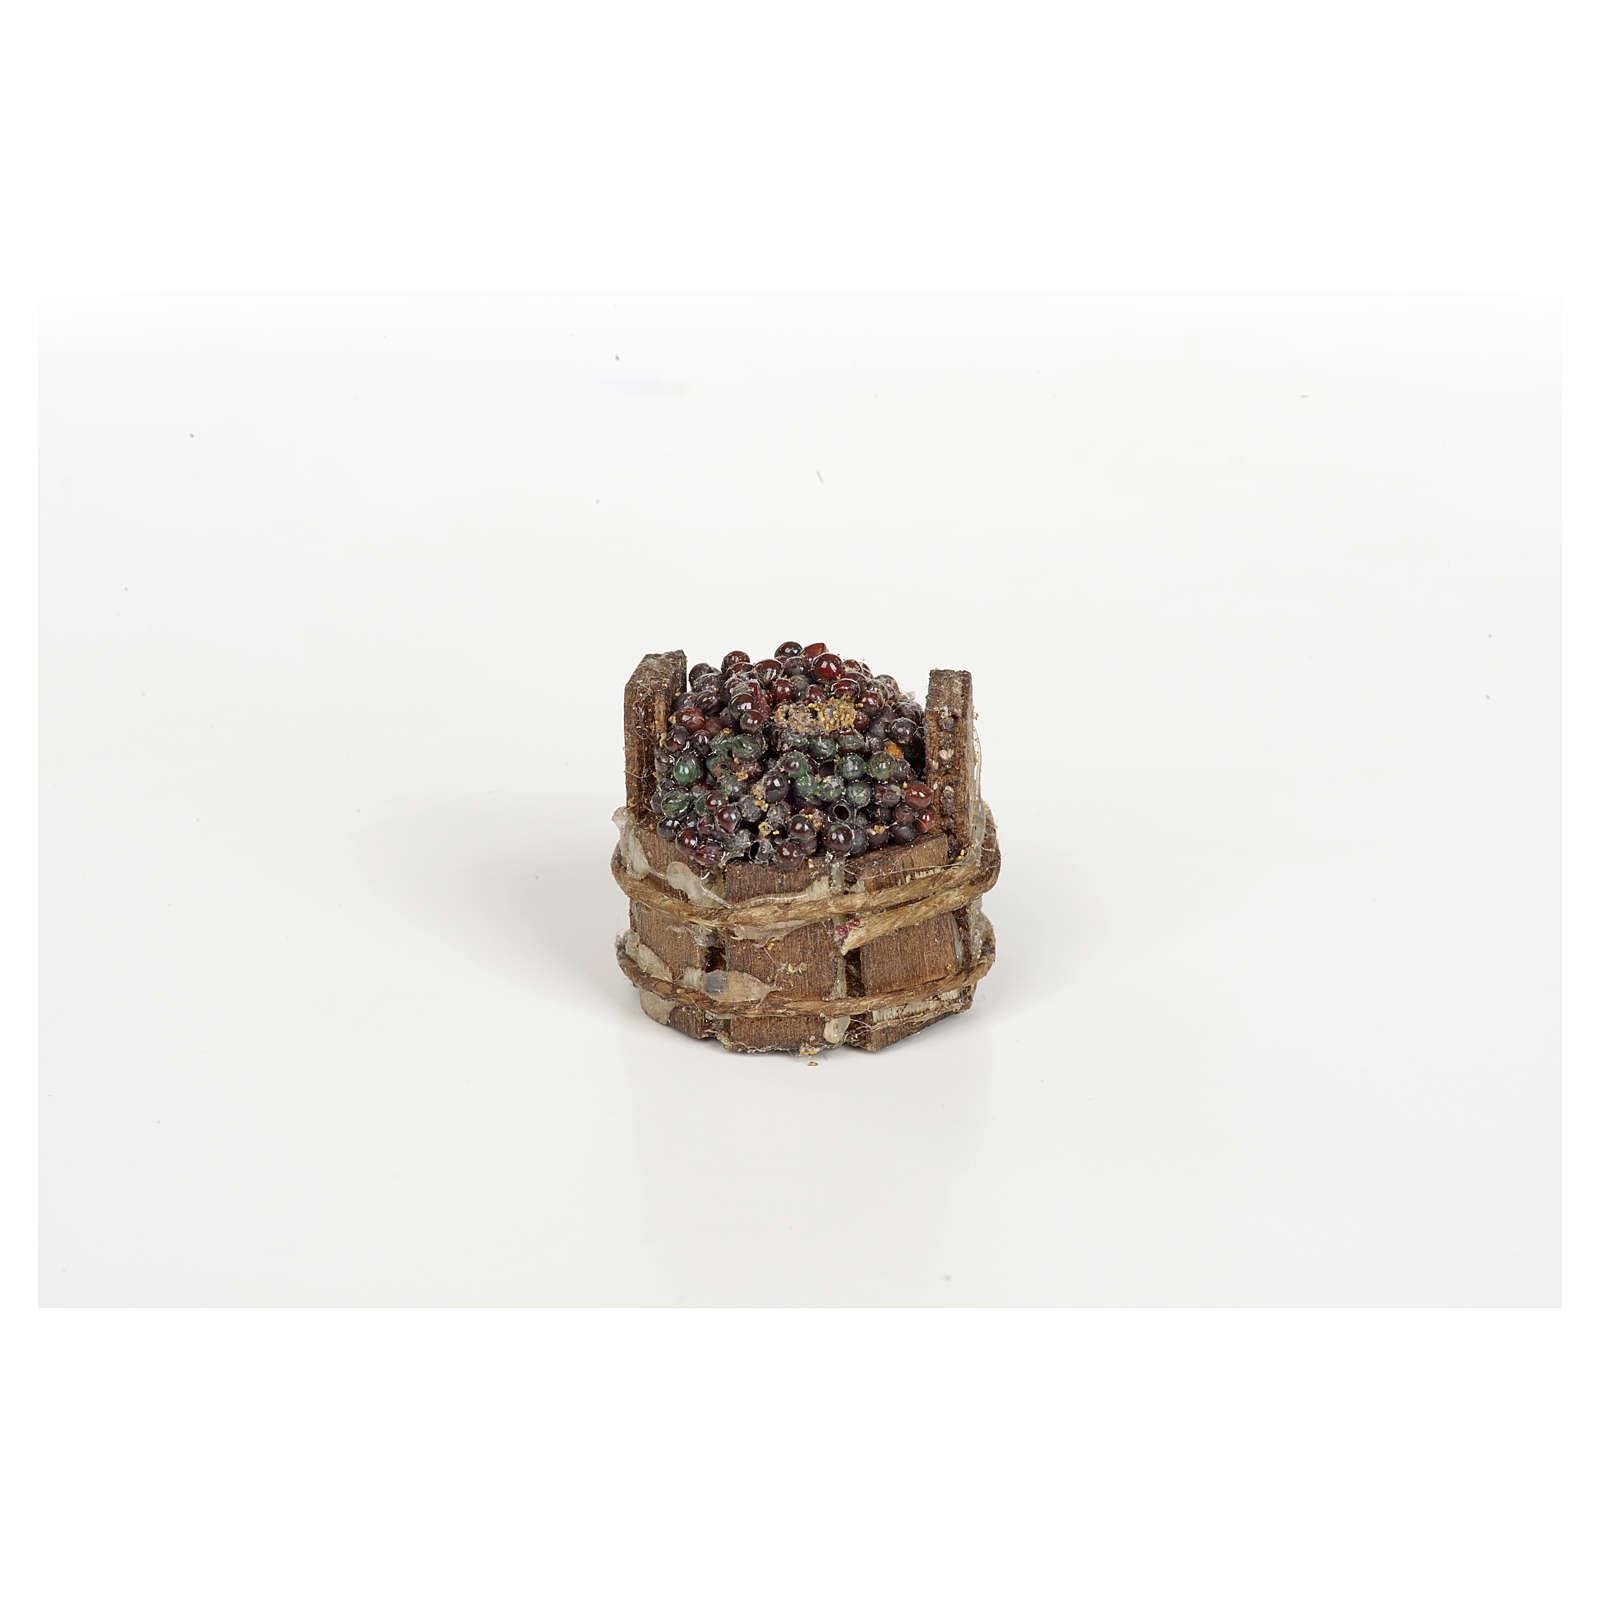 Tina de uva negra pesebre Nápoles 3cm diámetro 4